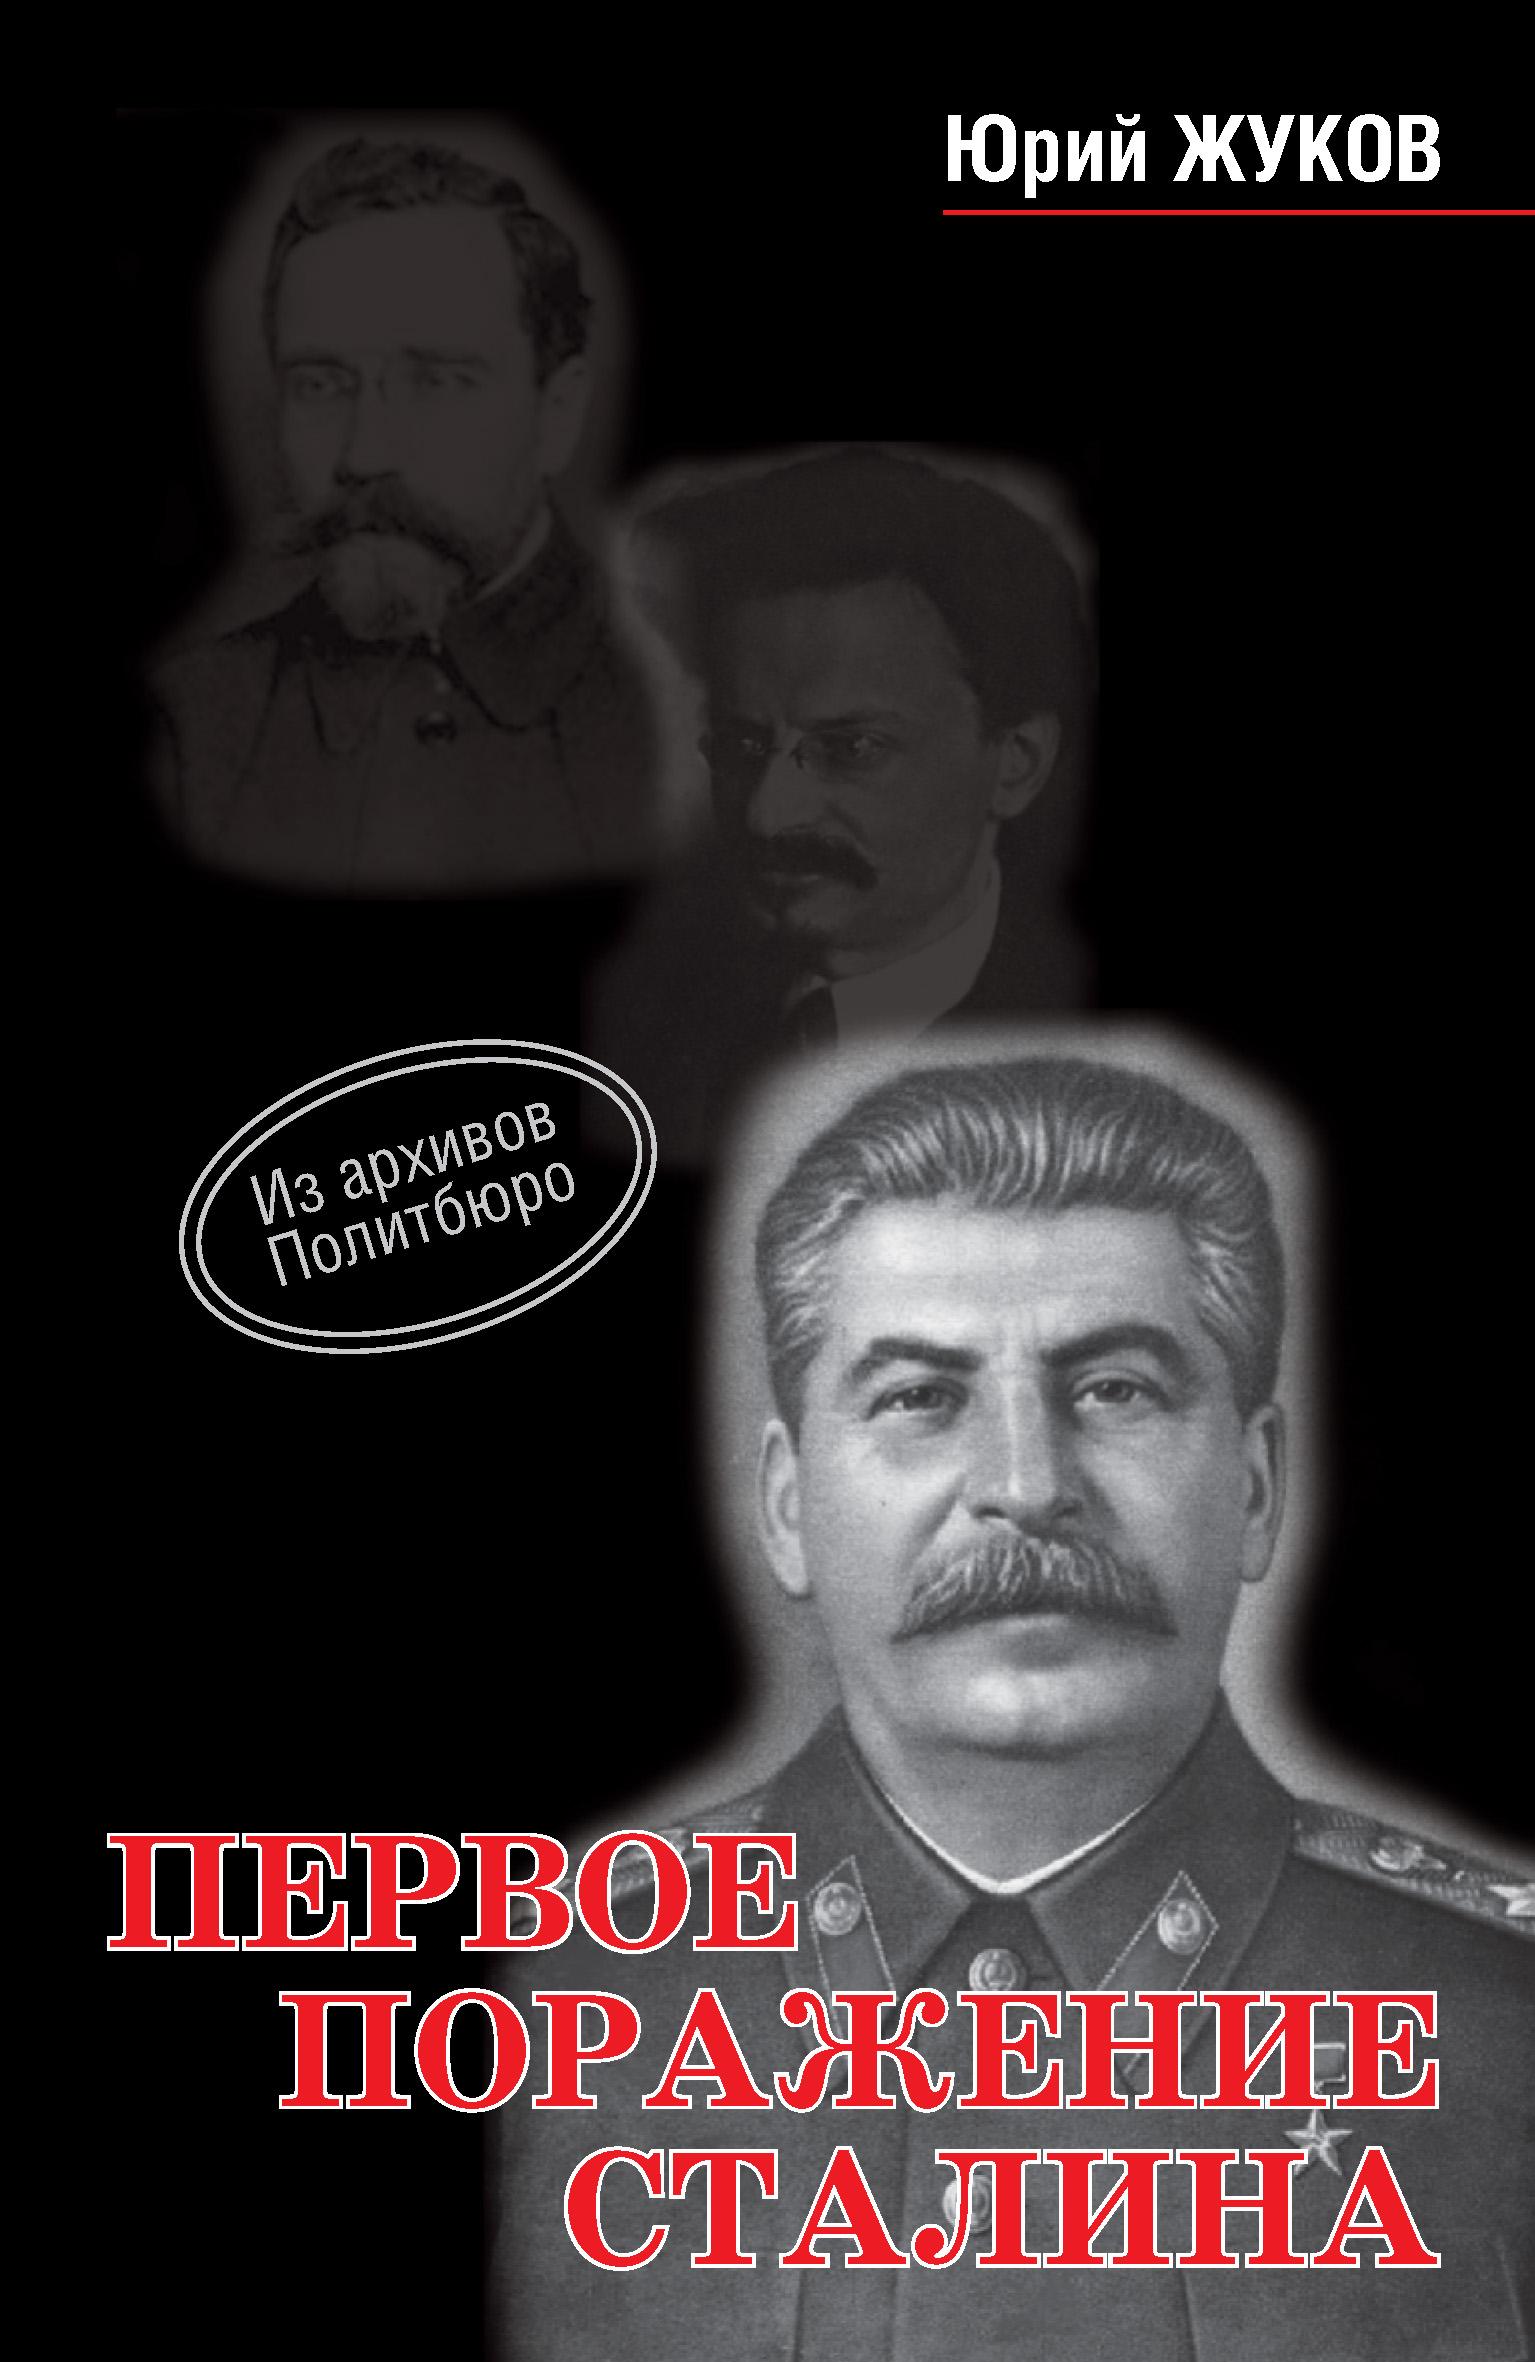 Юрий Жуков Первое поражение Сталина жуков ю первое поражение сталина 1917 1922г от российской империи к ссср